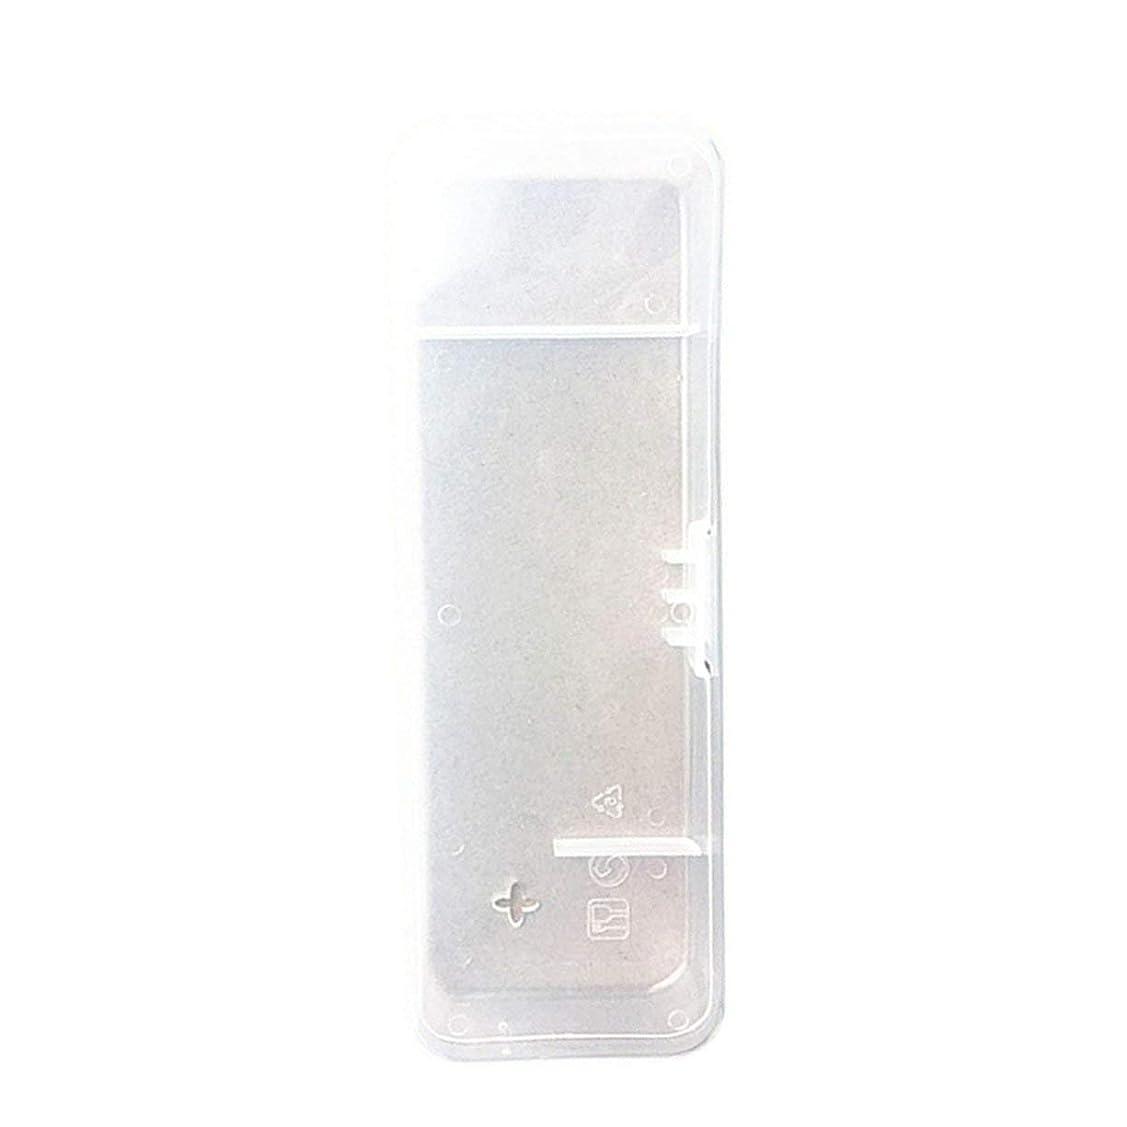 血統ペインギリック遅らせるポータブルメンズカミソリケーストラベルボックスブレードとホルダー収納ボックスシェーバーハンドルボックスカミソリハンドル-透明